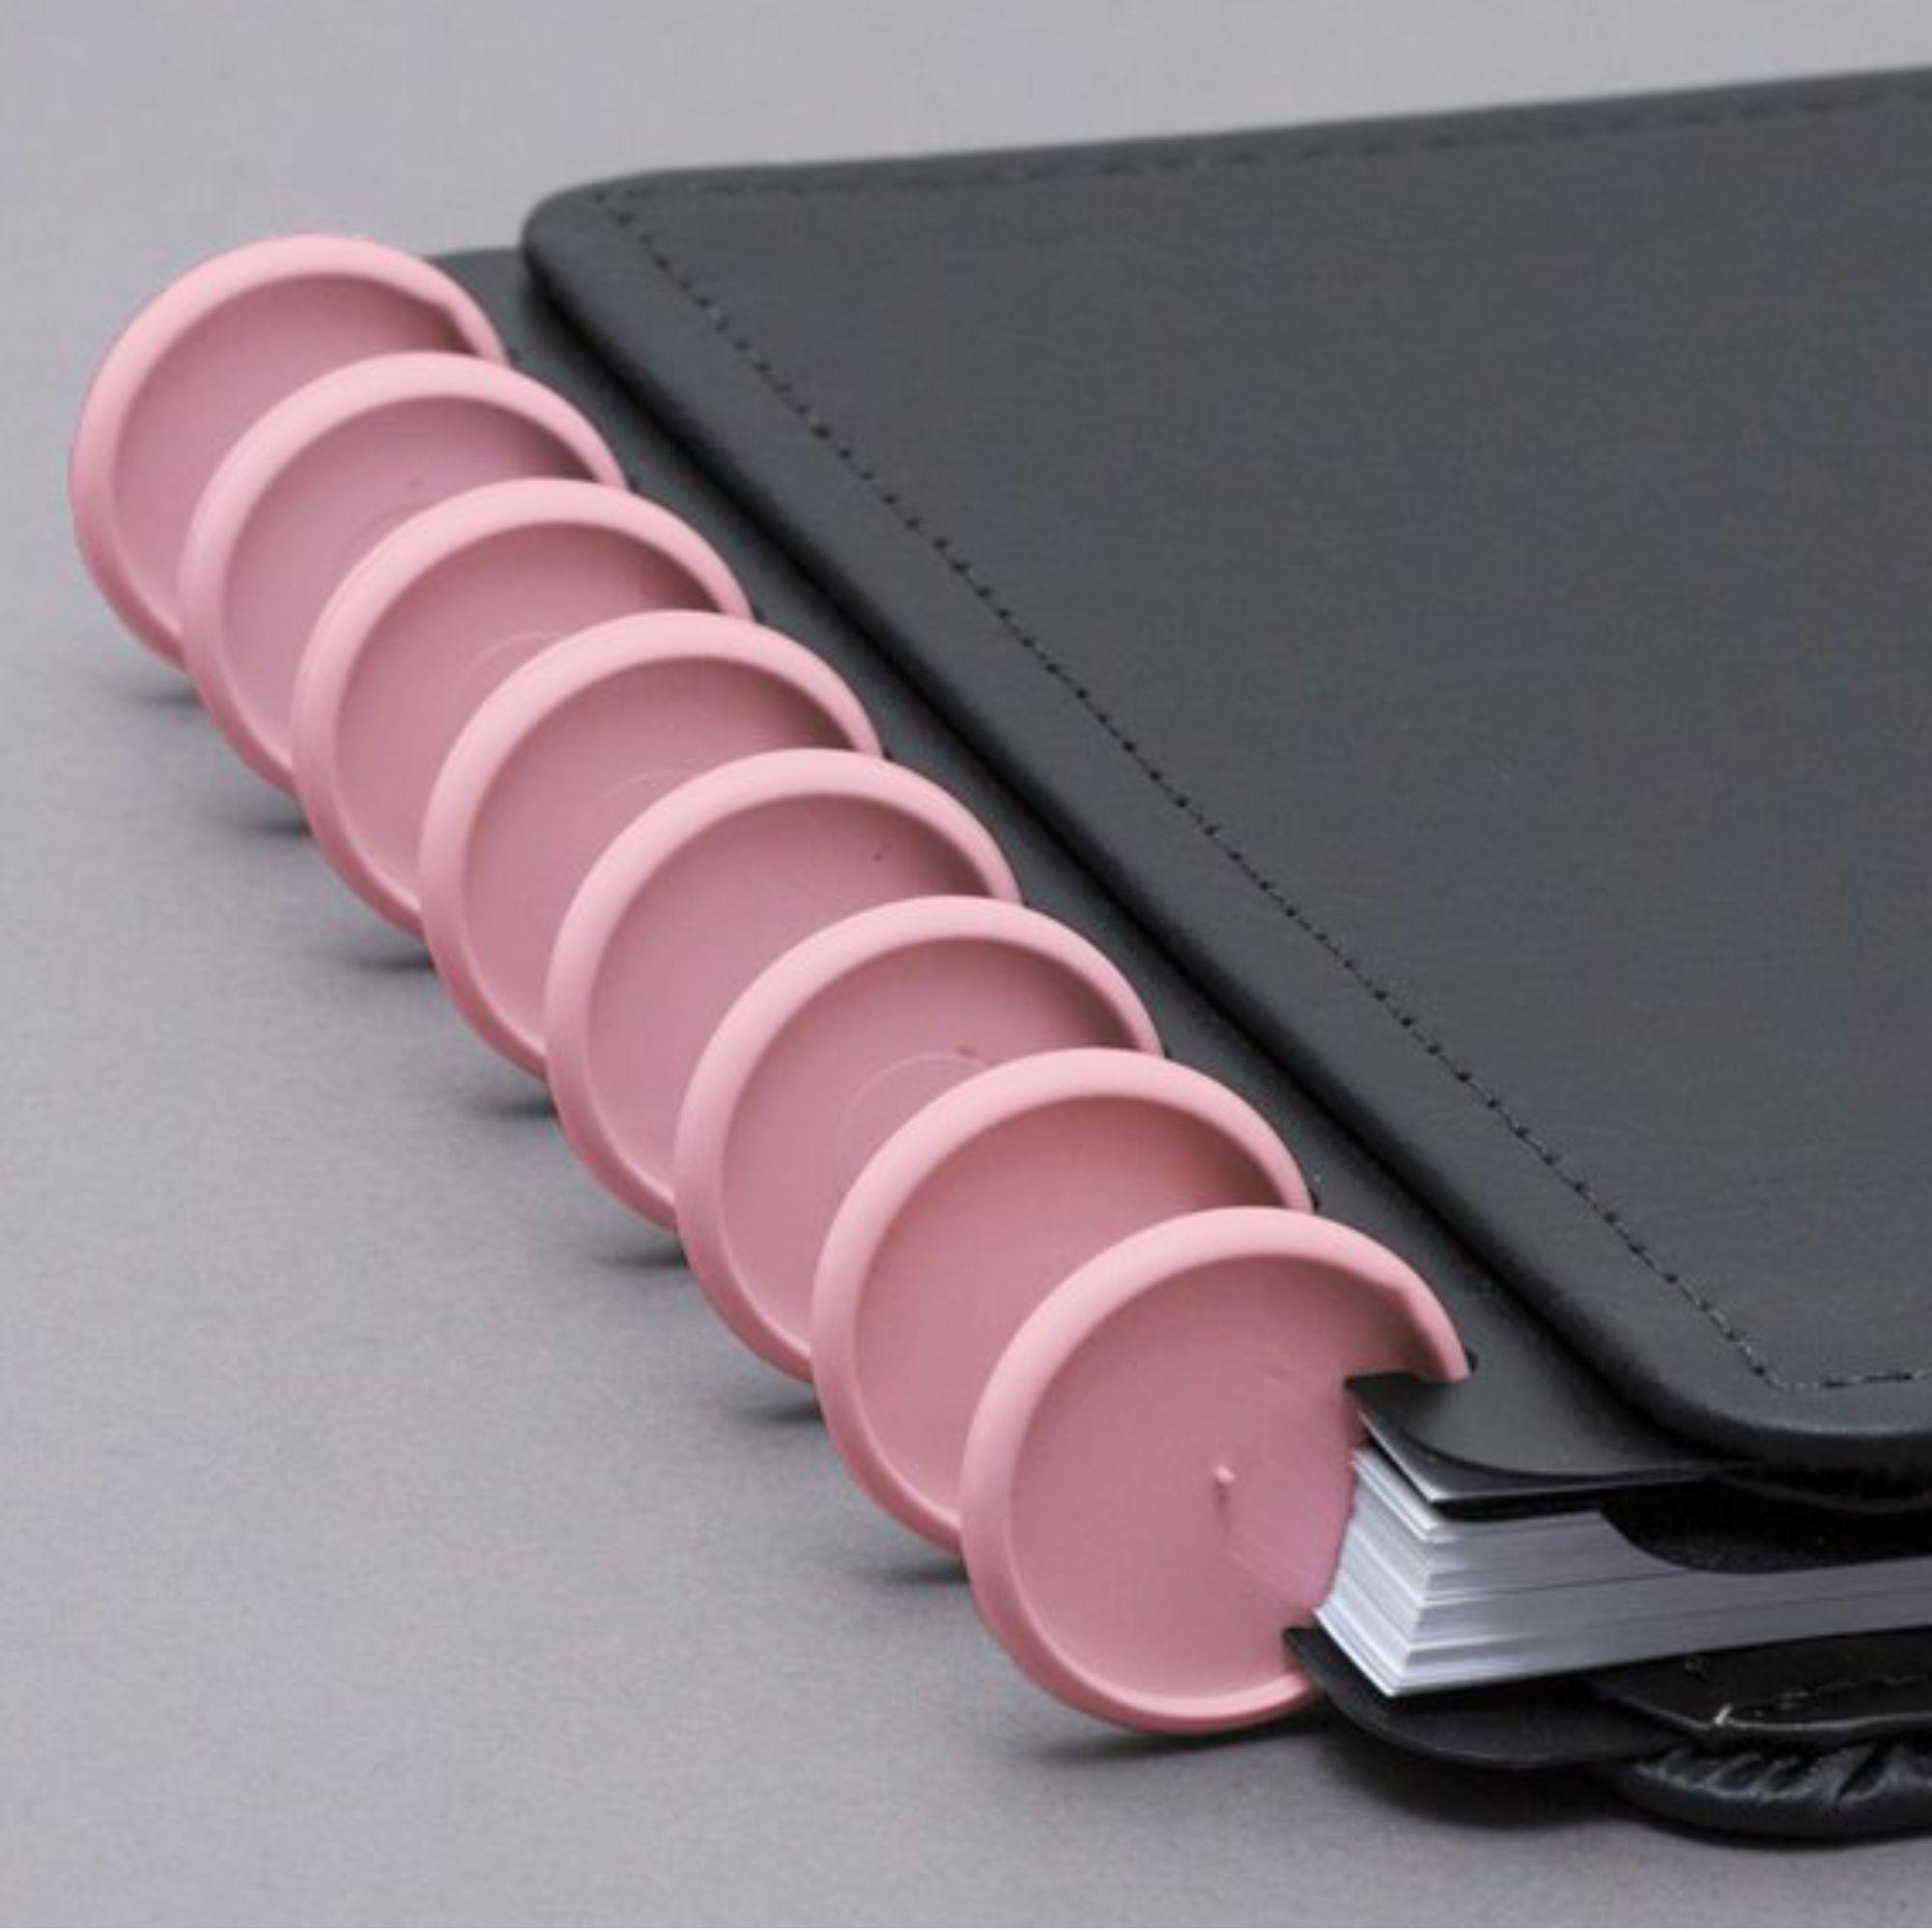 Discos e Elásticos Grandes 12 unidades e 1 Elástico | Caderno Inteligente